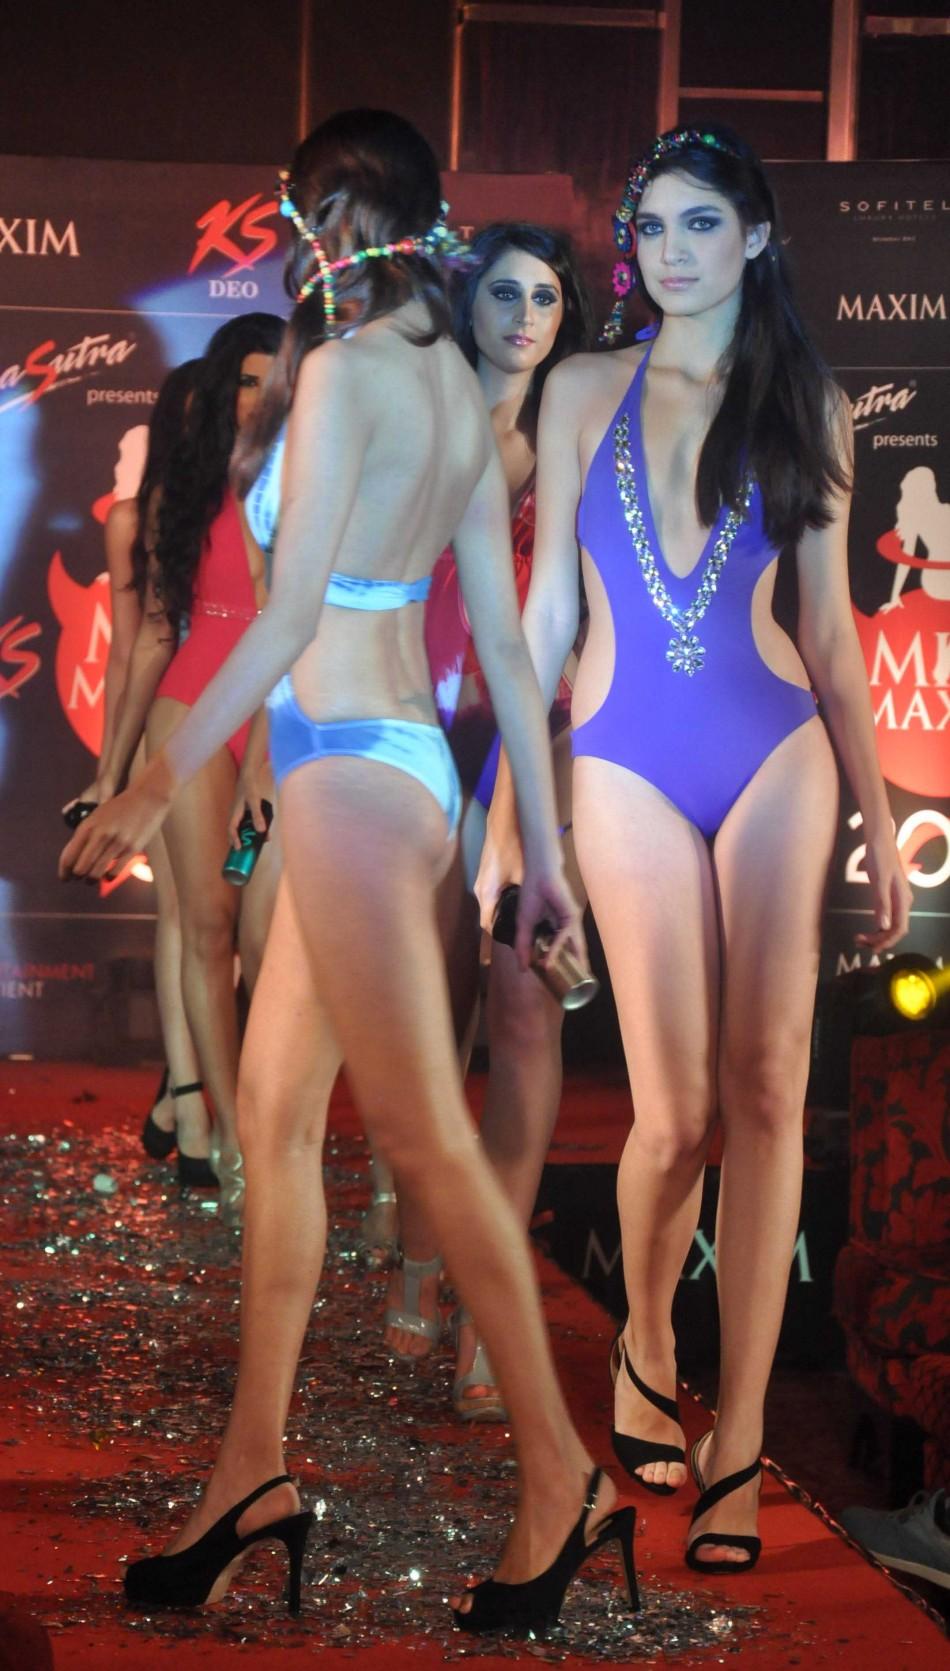 Hot mumbai girls in india call amber 09892814457 - 5 6